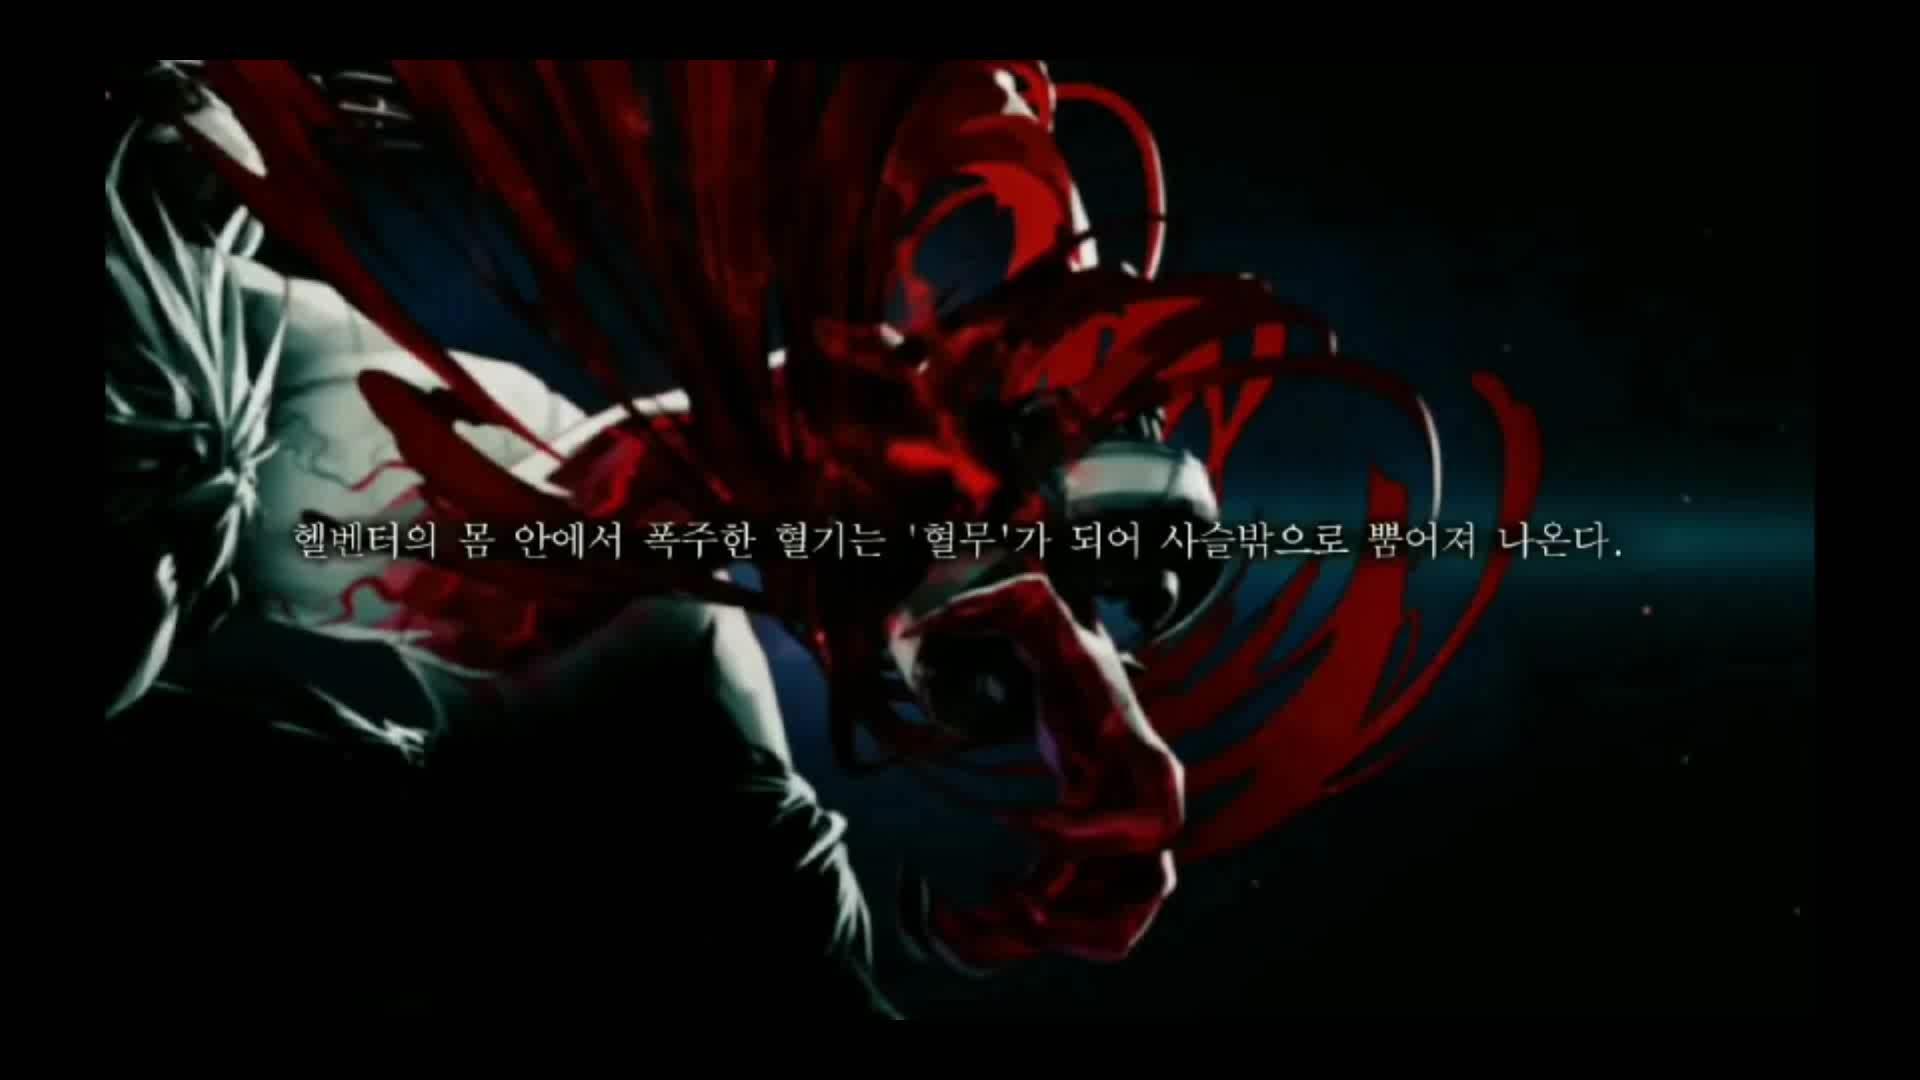 血魔弑天_狂战的全部相关视频_bilibili_哔哩哔哩弹幕视频网